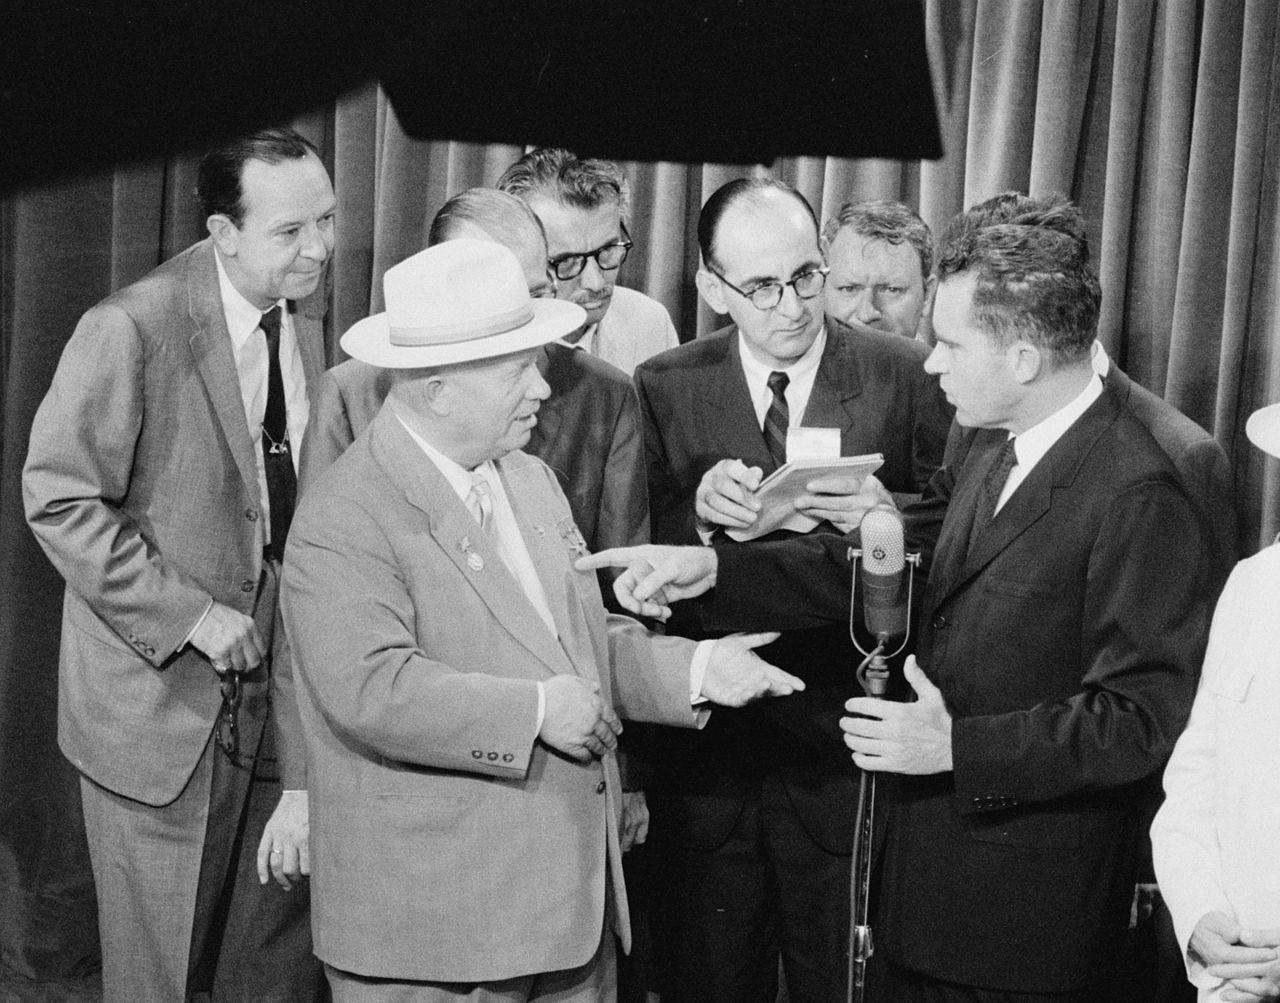 Débat entre Richard Nixon et Nikita Khrouchtchev à l'exposition américaine à Moscou en 1959.